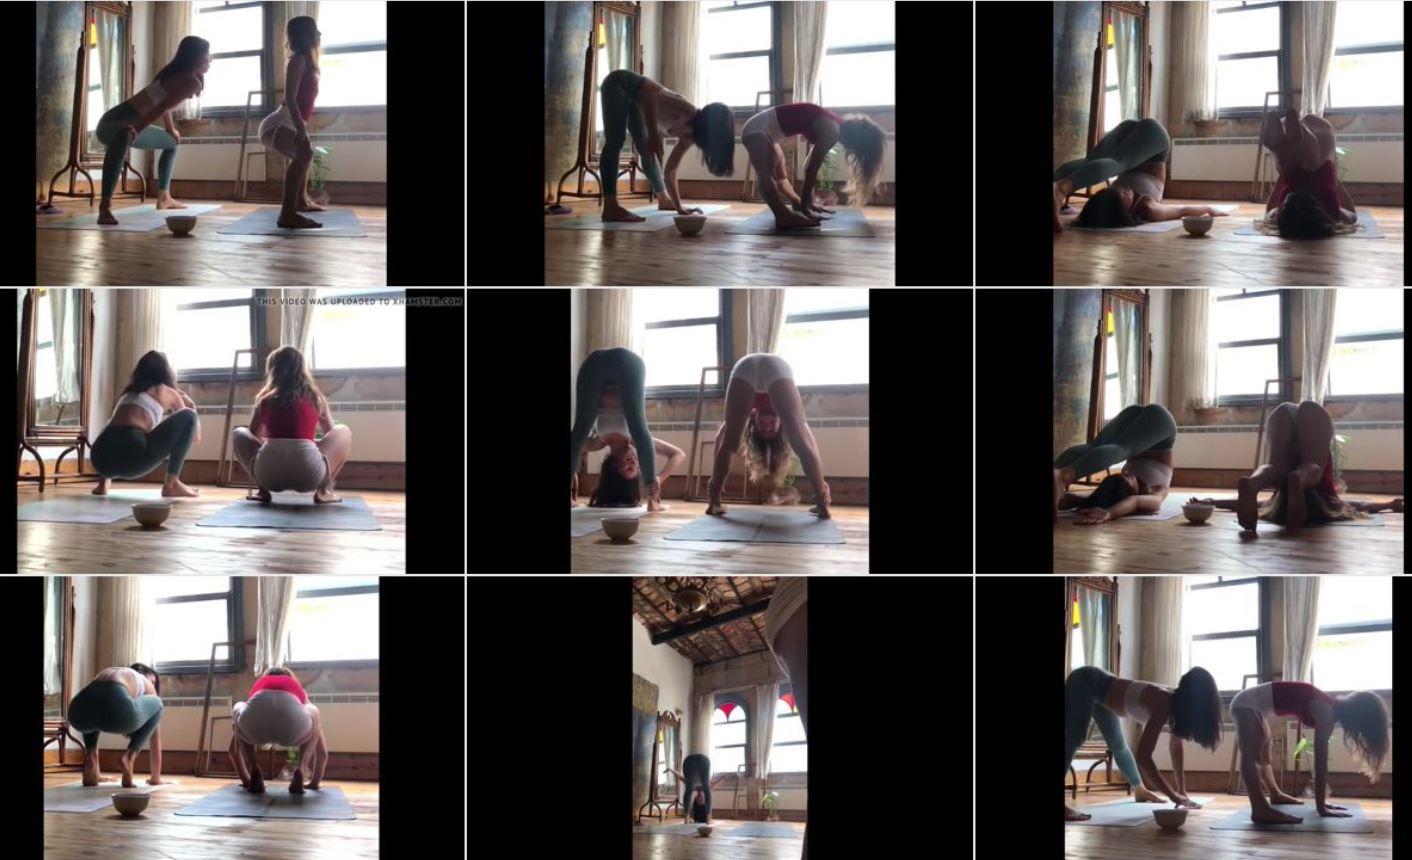 Türk Kızları Yoga Yapıyor - (Non-Nude)